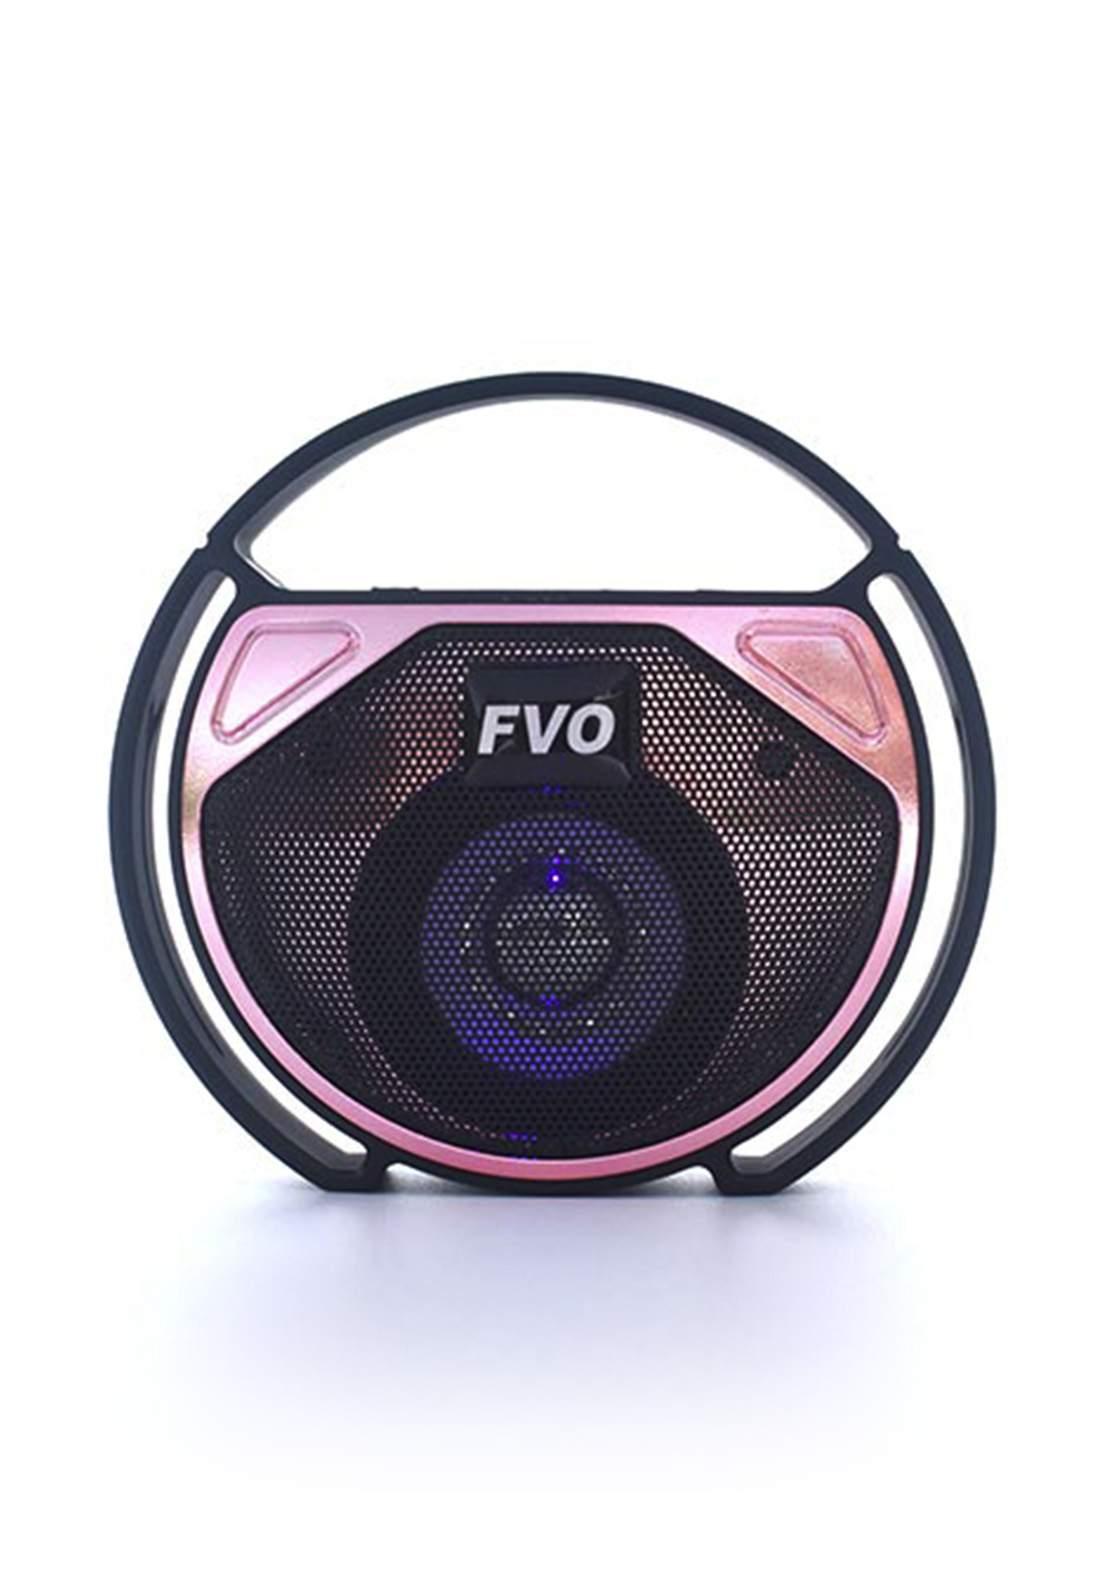 FVO BS-156 Bluetooth Speak - Black مكبر صوت